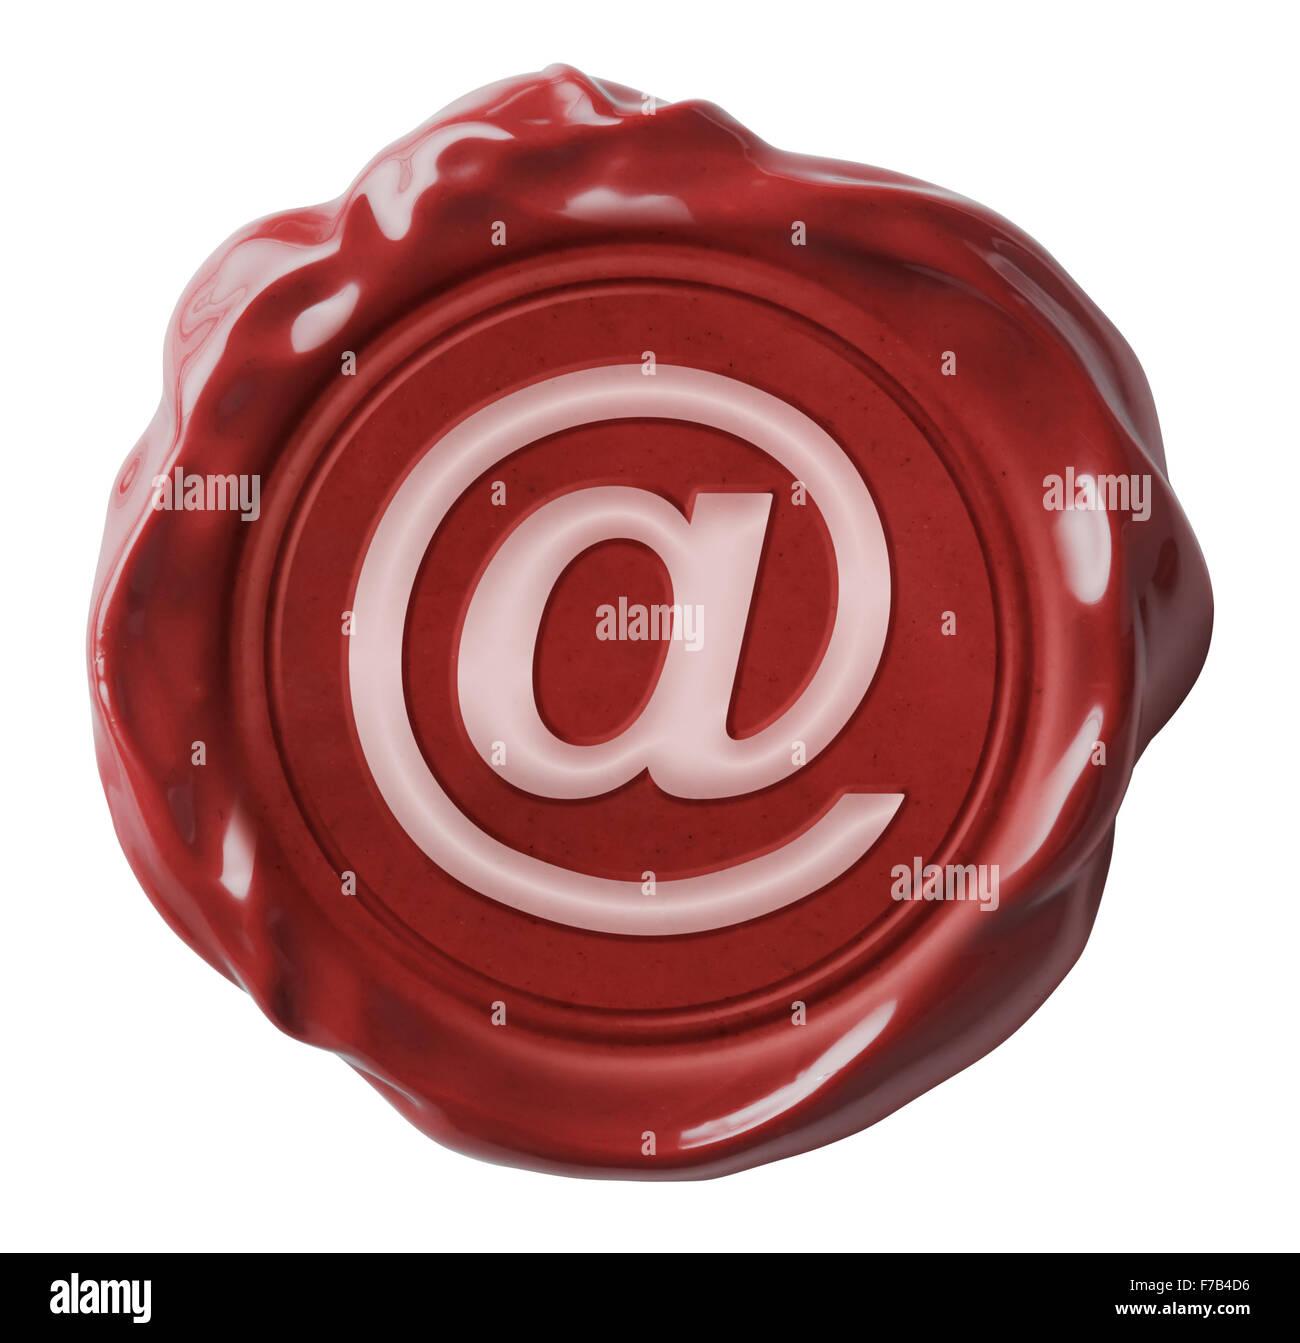 Cera rossa guarnizione posta elettronica con commerciale al simbolo isolato Immagini Stock